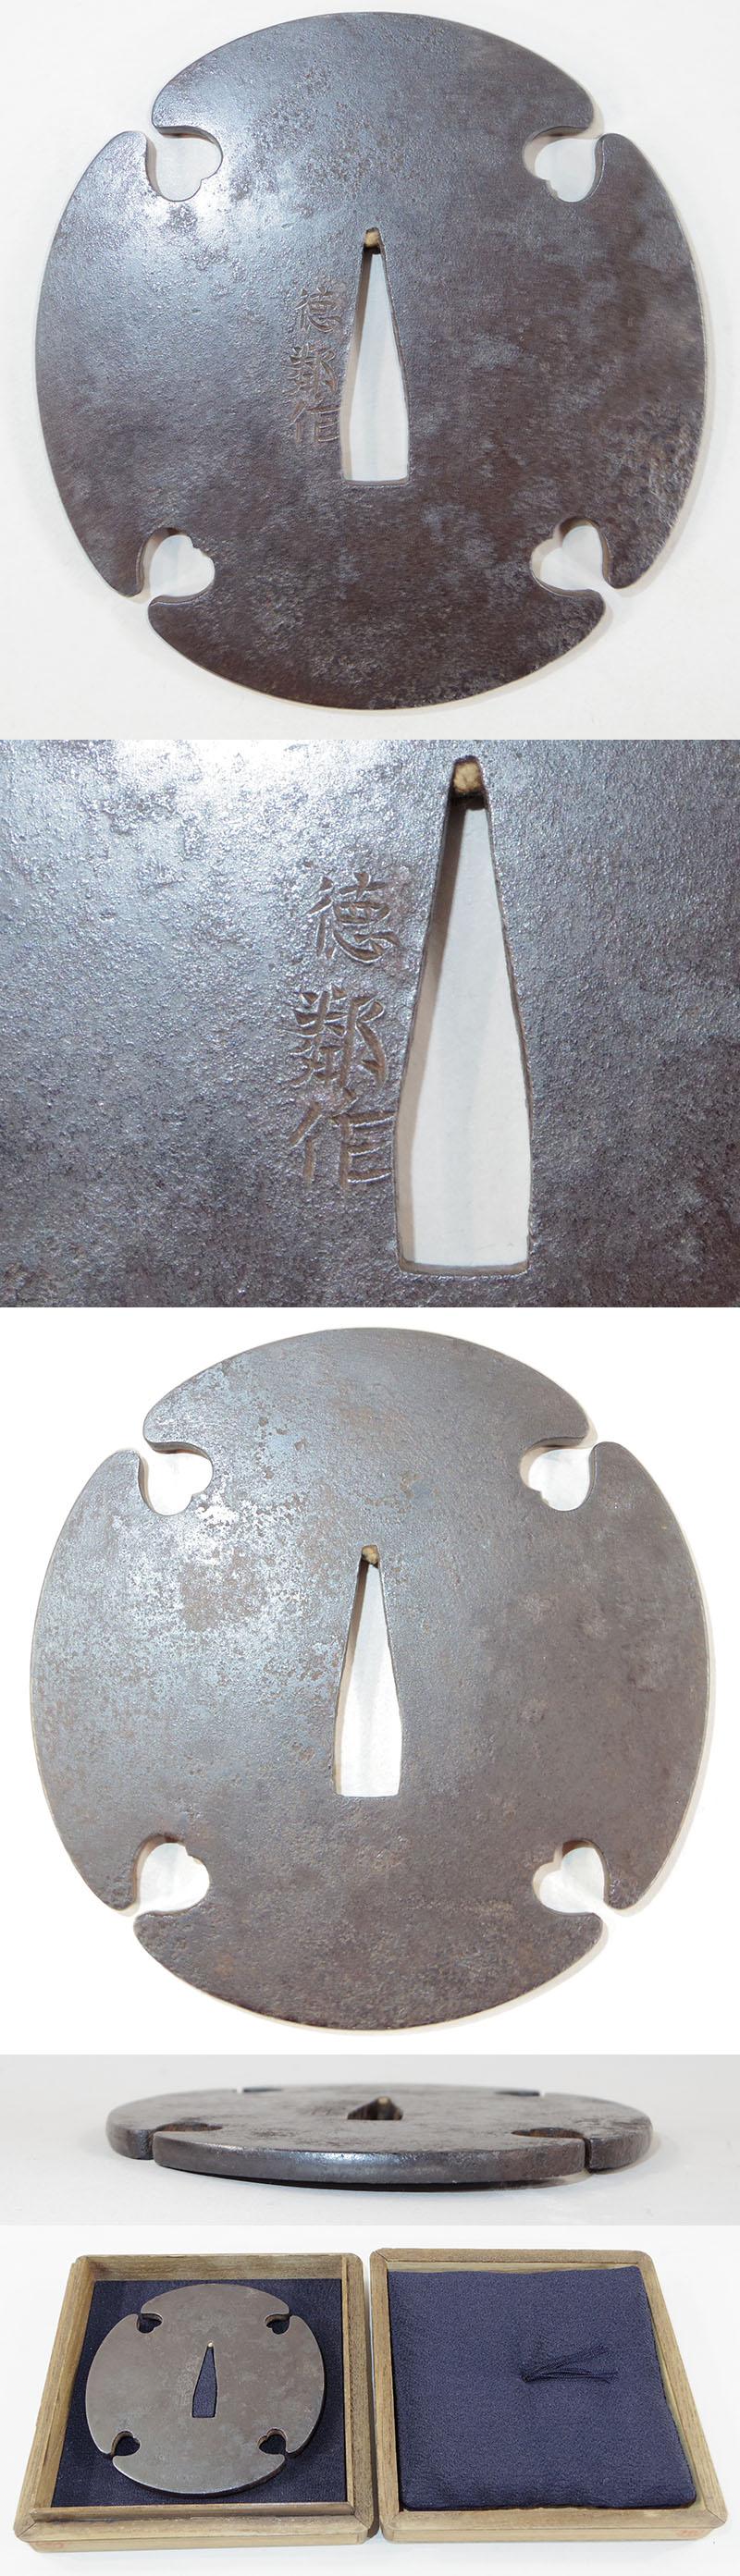 四方猪目文図鍔 徳隣作(市毛徳隣初代)(水戸藩抱え工)(刀匠鍔) Picture of parts